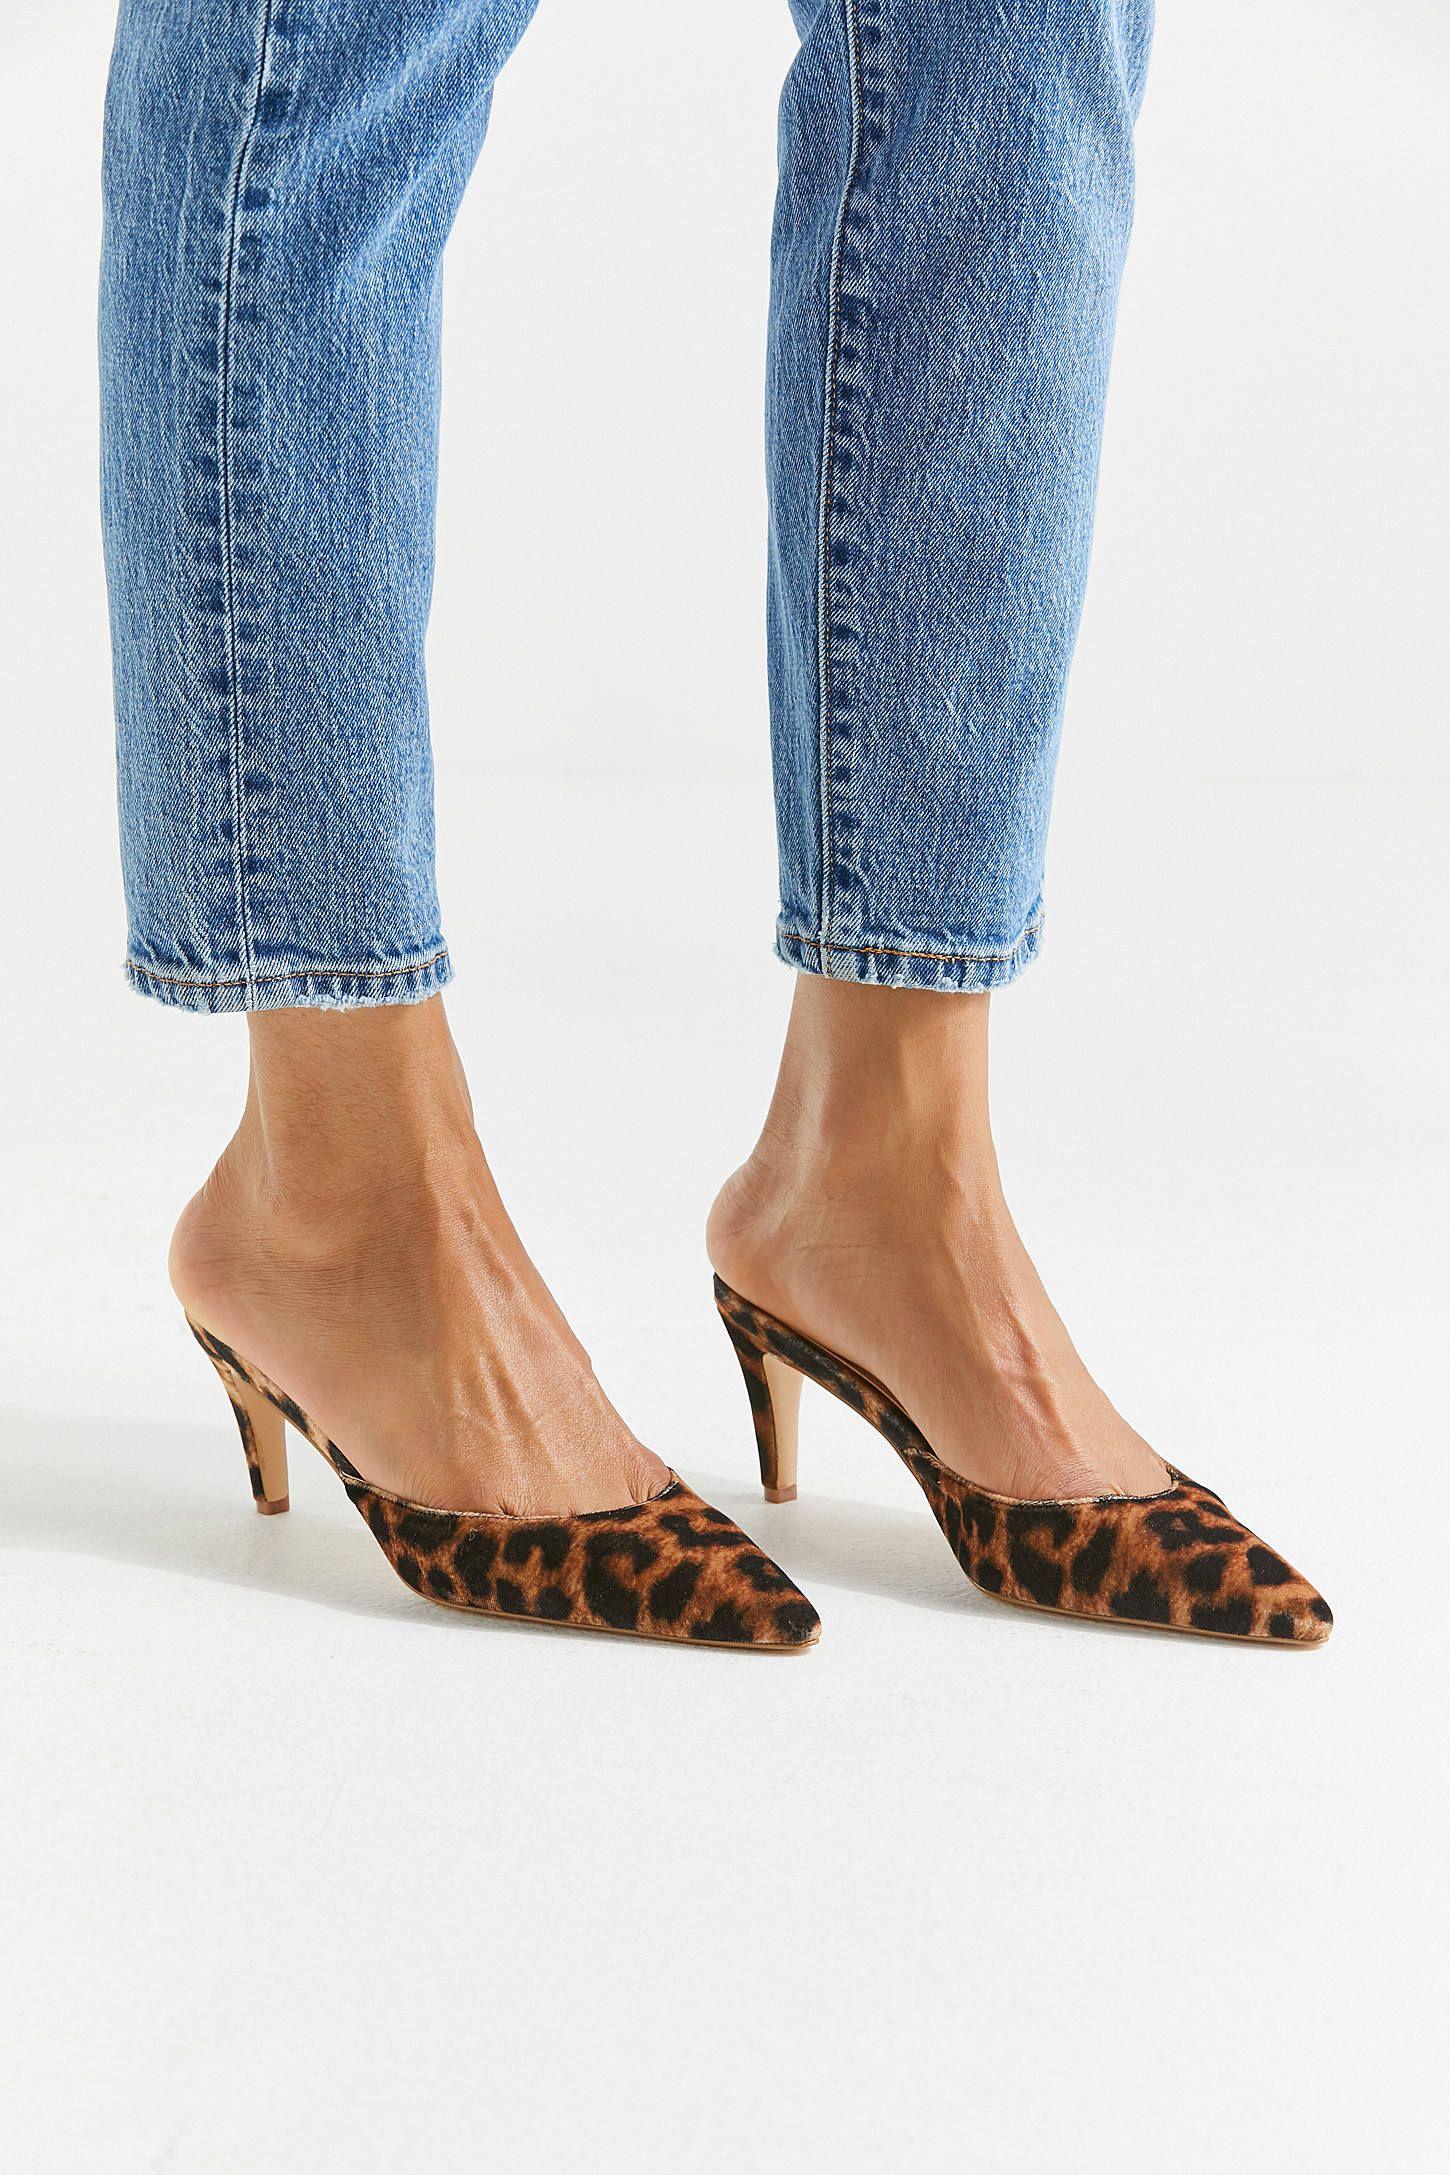 Uo Leopard Kitten Heel Mule Urban Outfitters Casual Shoes Women Women Shoes Edgy Heels